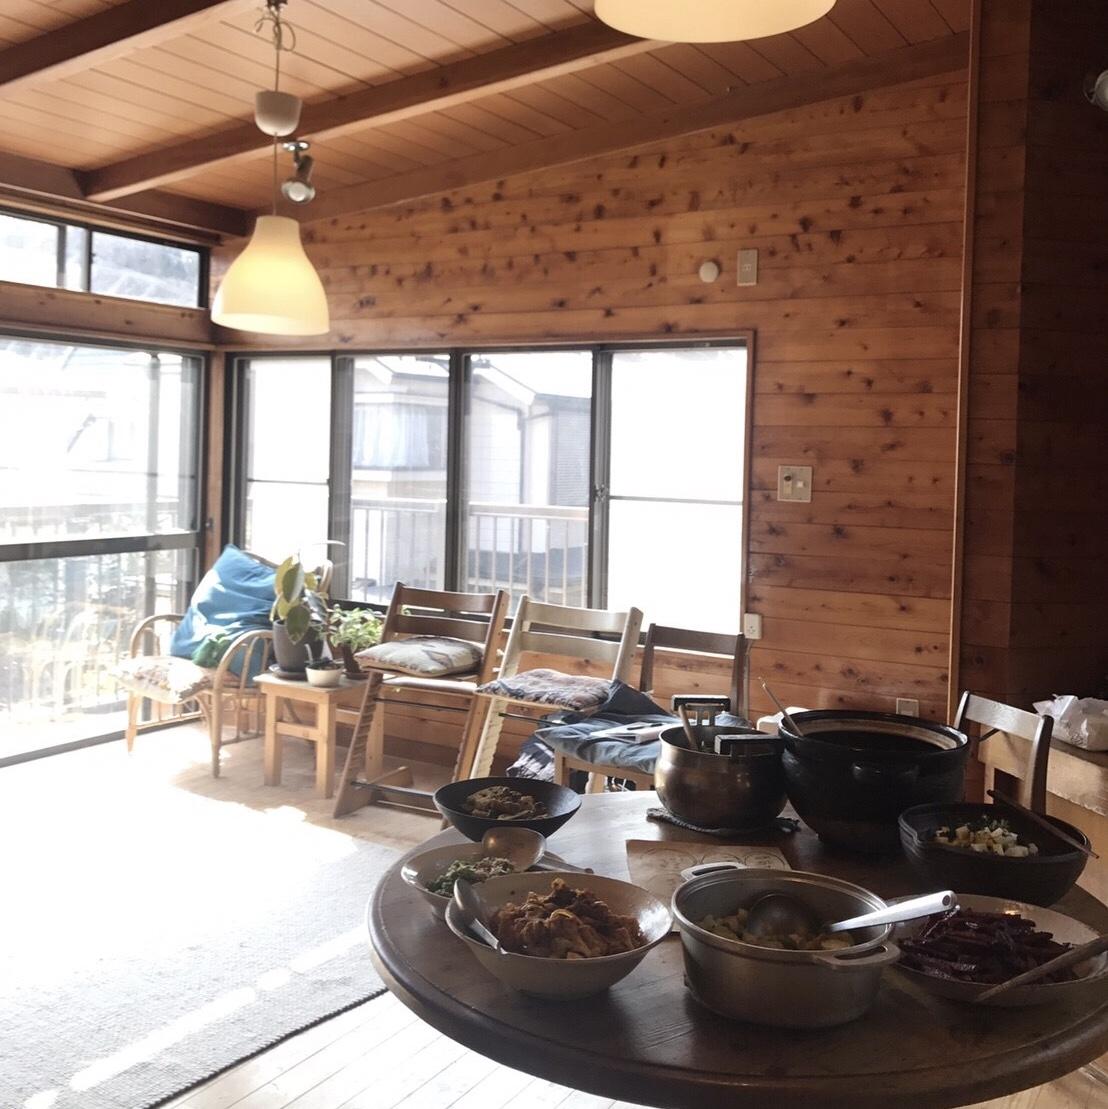 「冬のアーユルヴェーダお料理会@Polaaris(高尾)」のレポートと次回告知